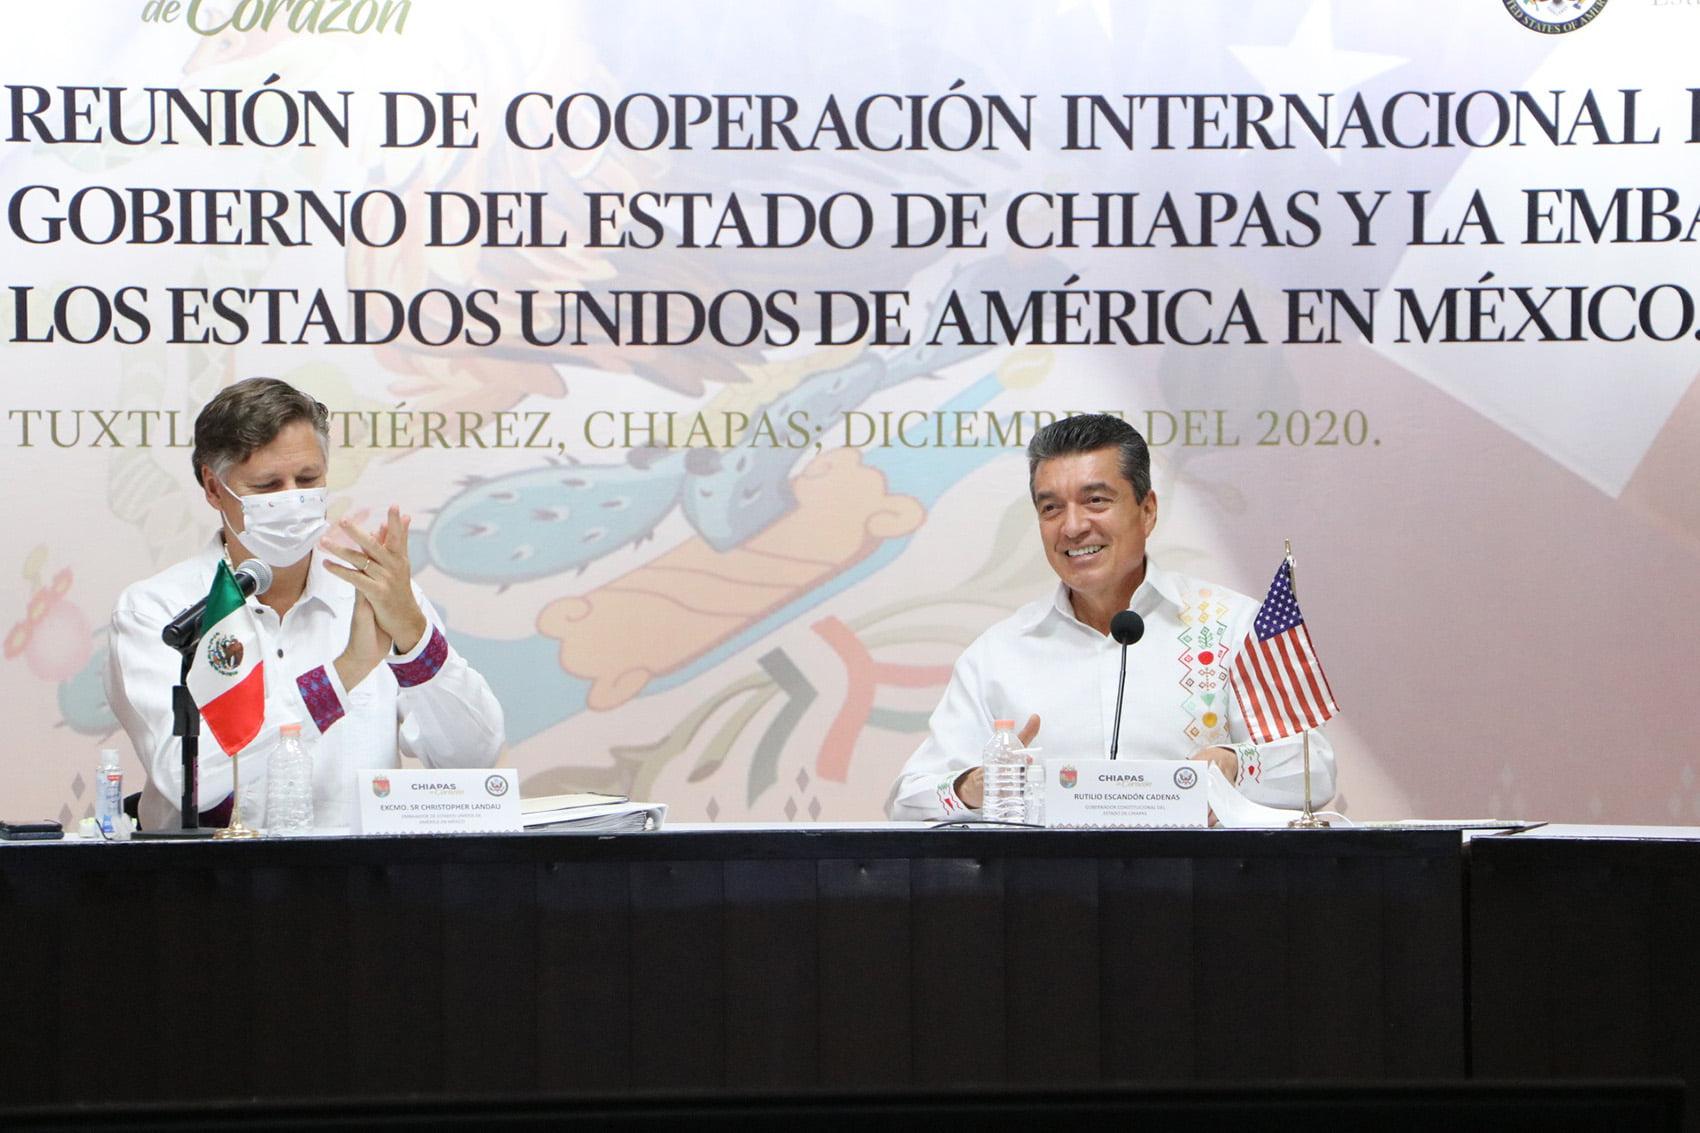 REC_EmbajadorEUA_reunión de cooperación.jpg